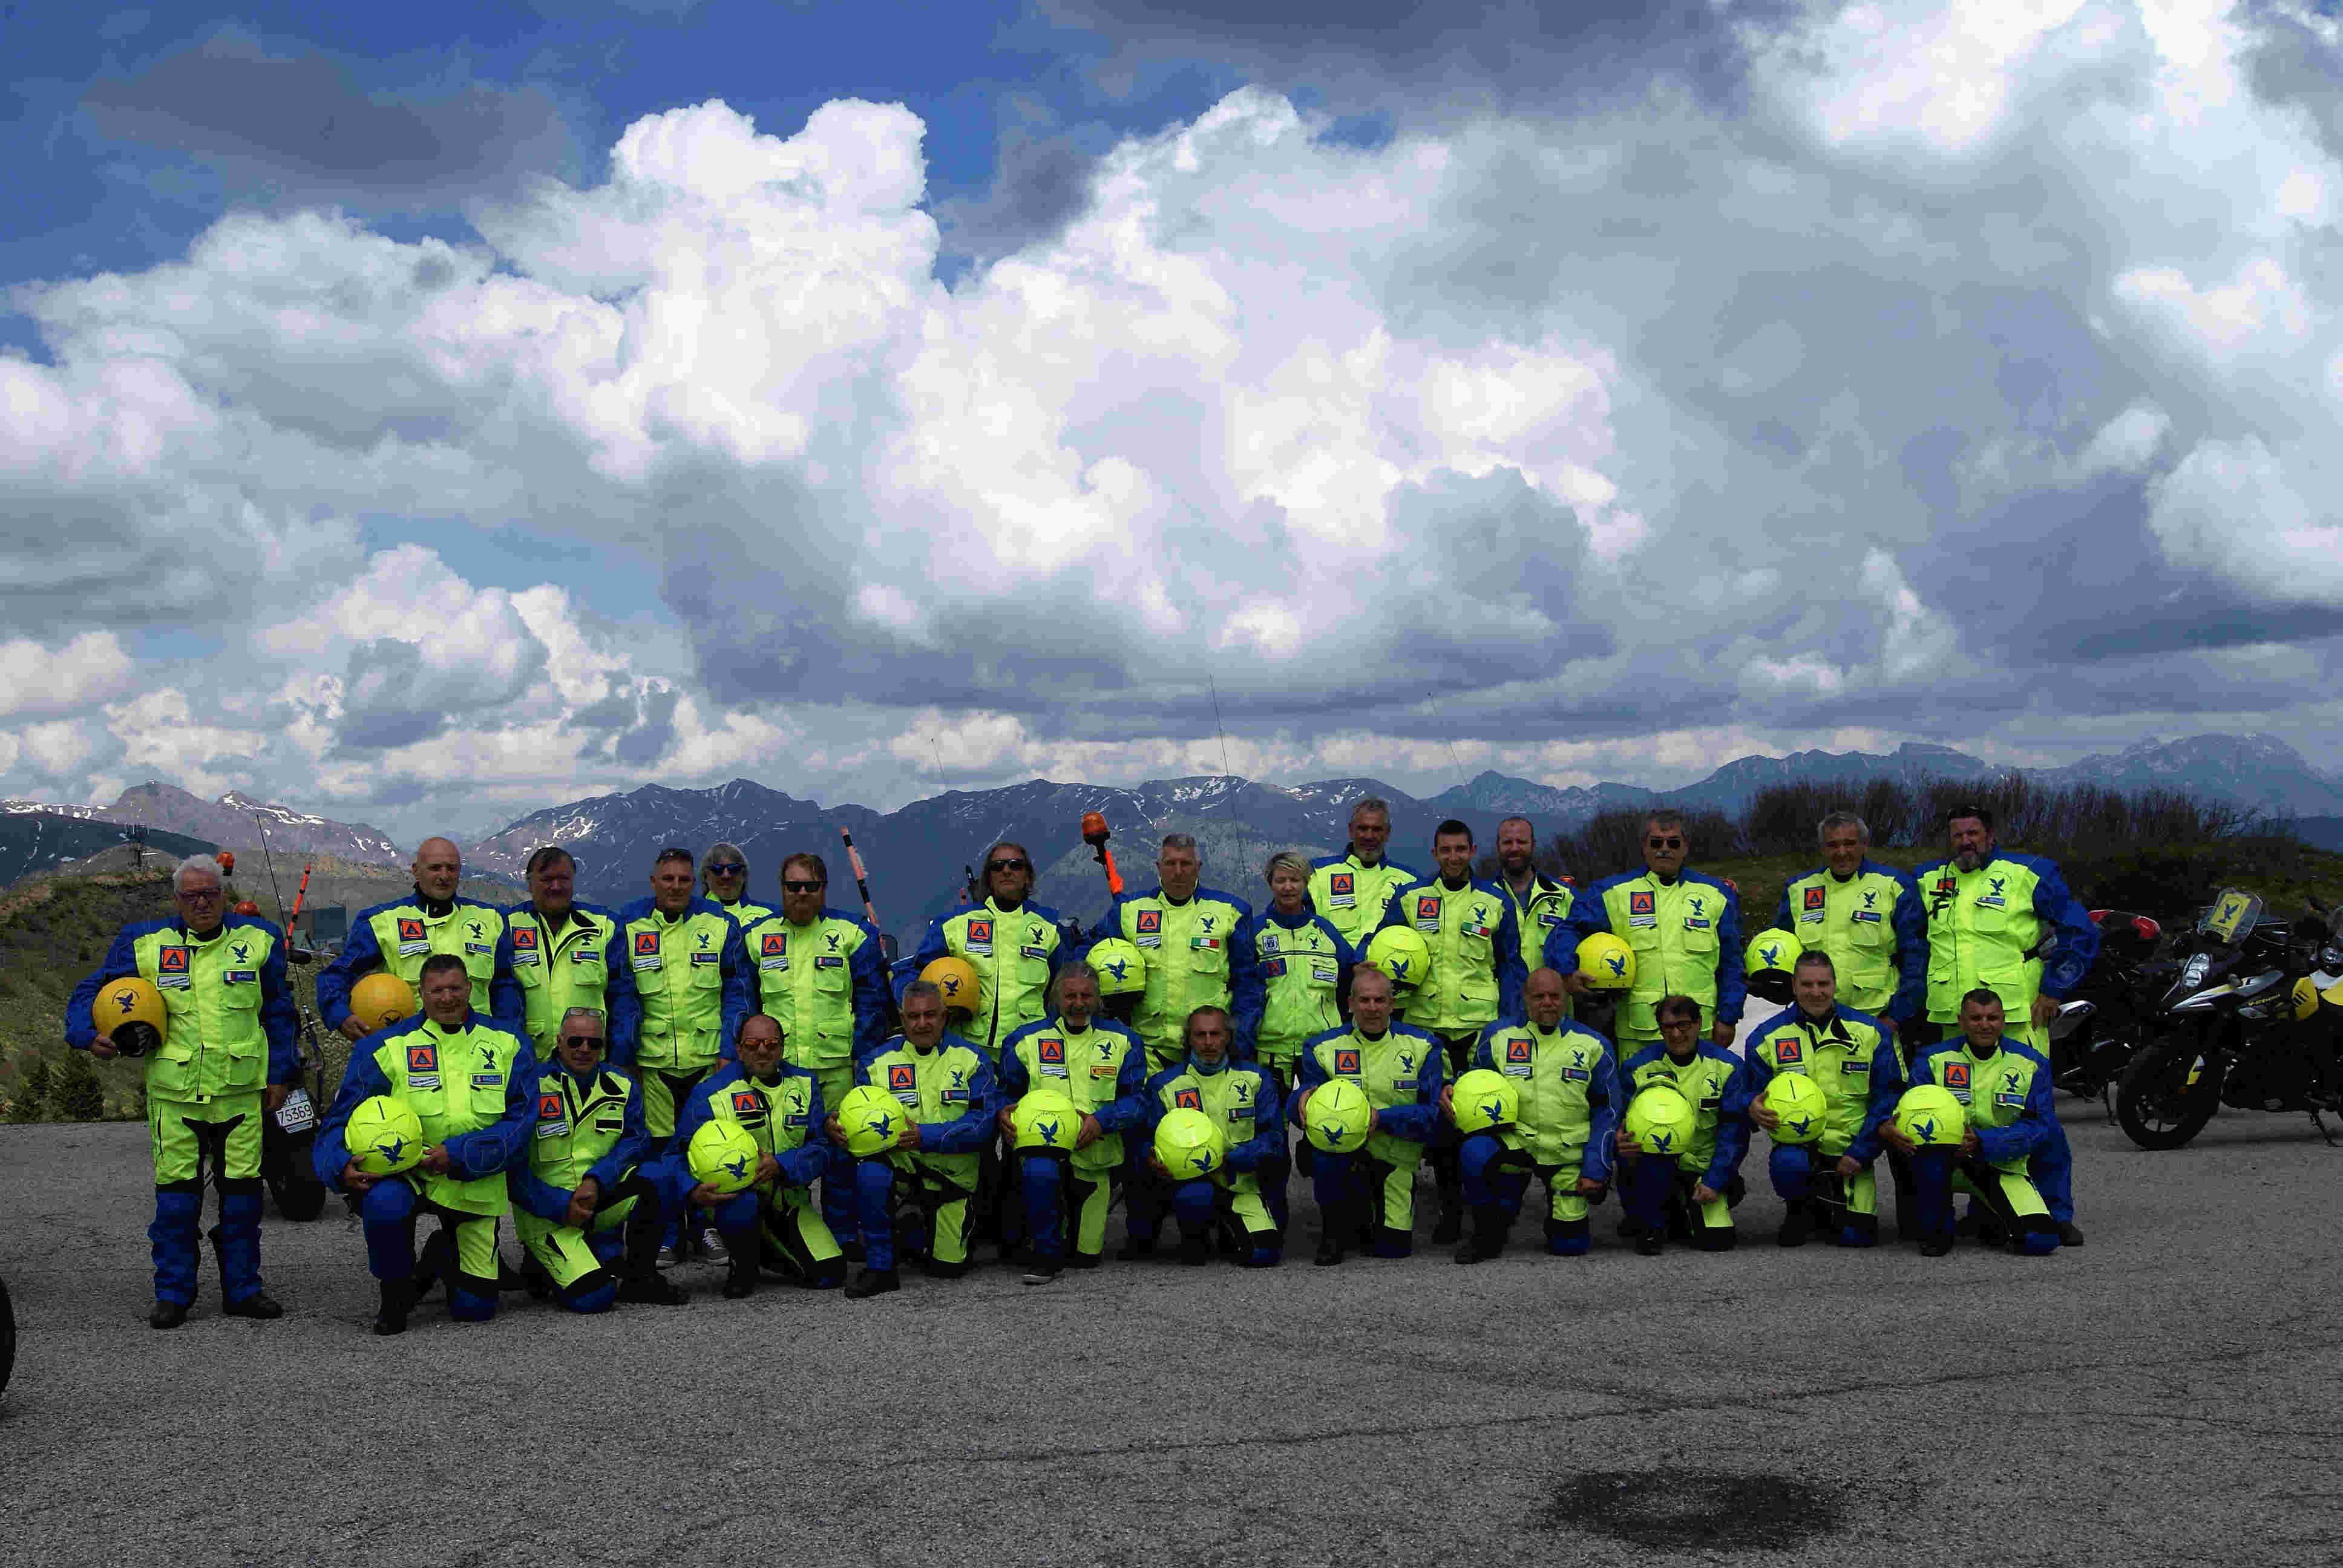 – Protezione Civile FVG -Presentazione della prima moto del Friuli Venezia Giulia